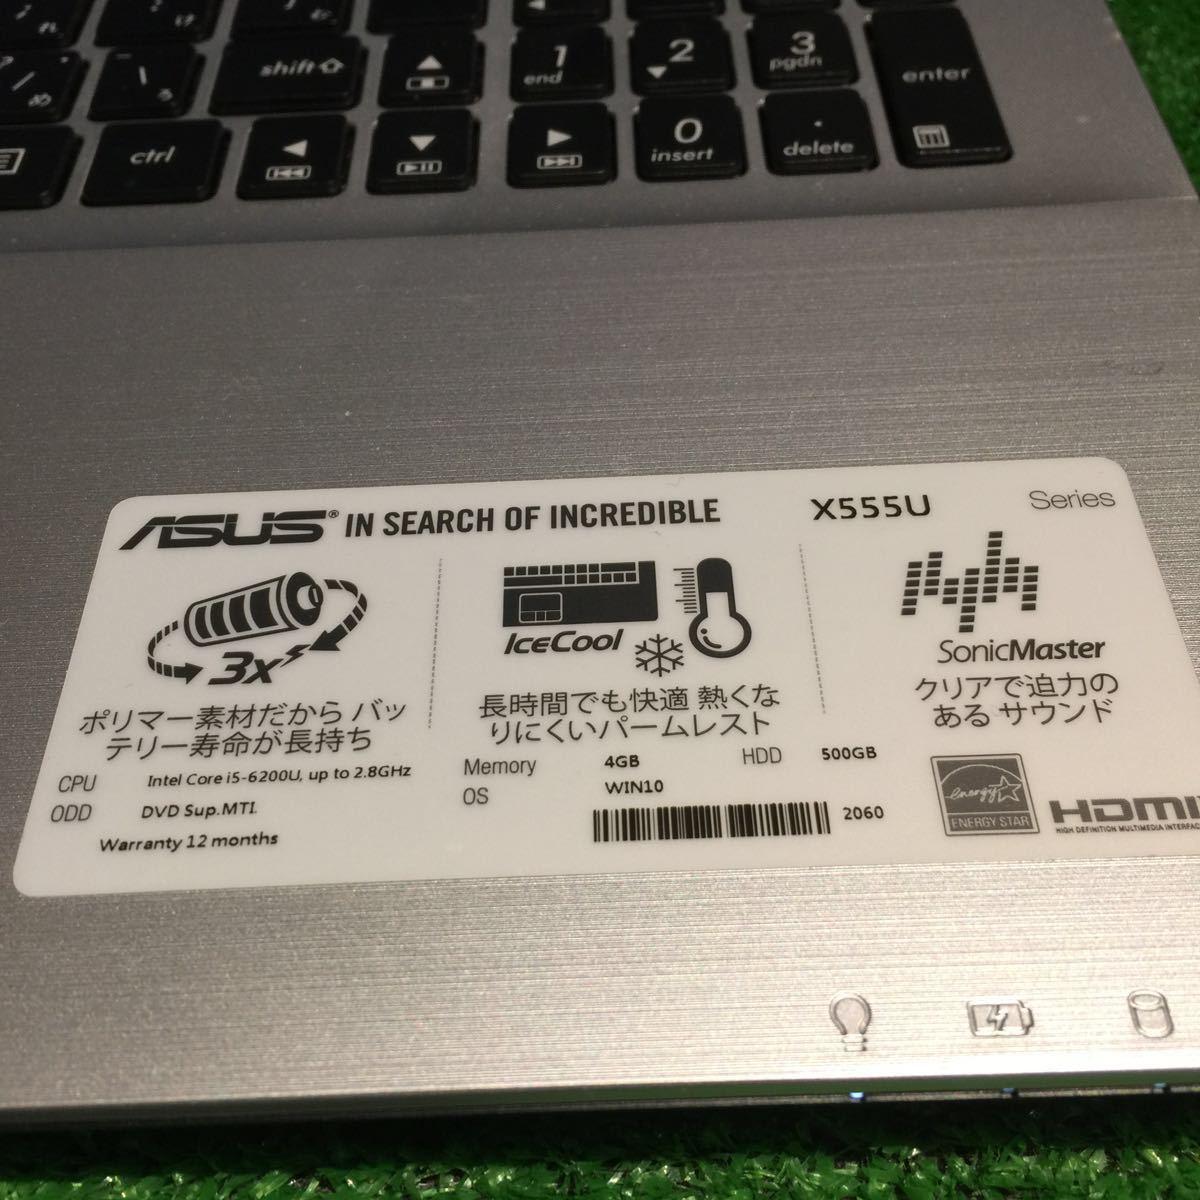 1円~ ASUS エイスース ノートパソコン PC X555U i5-6200U 2.3GHz 4GB Windows10 アダプター付 100サイズ (149)_画像2